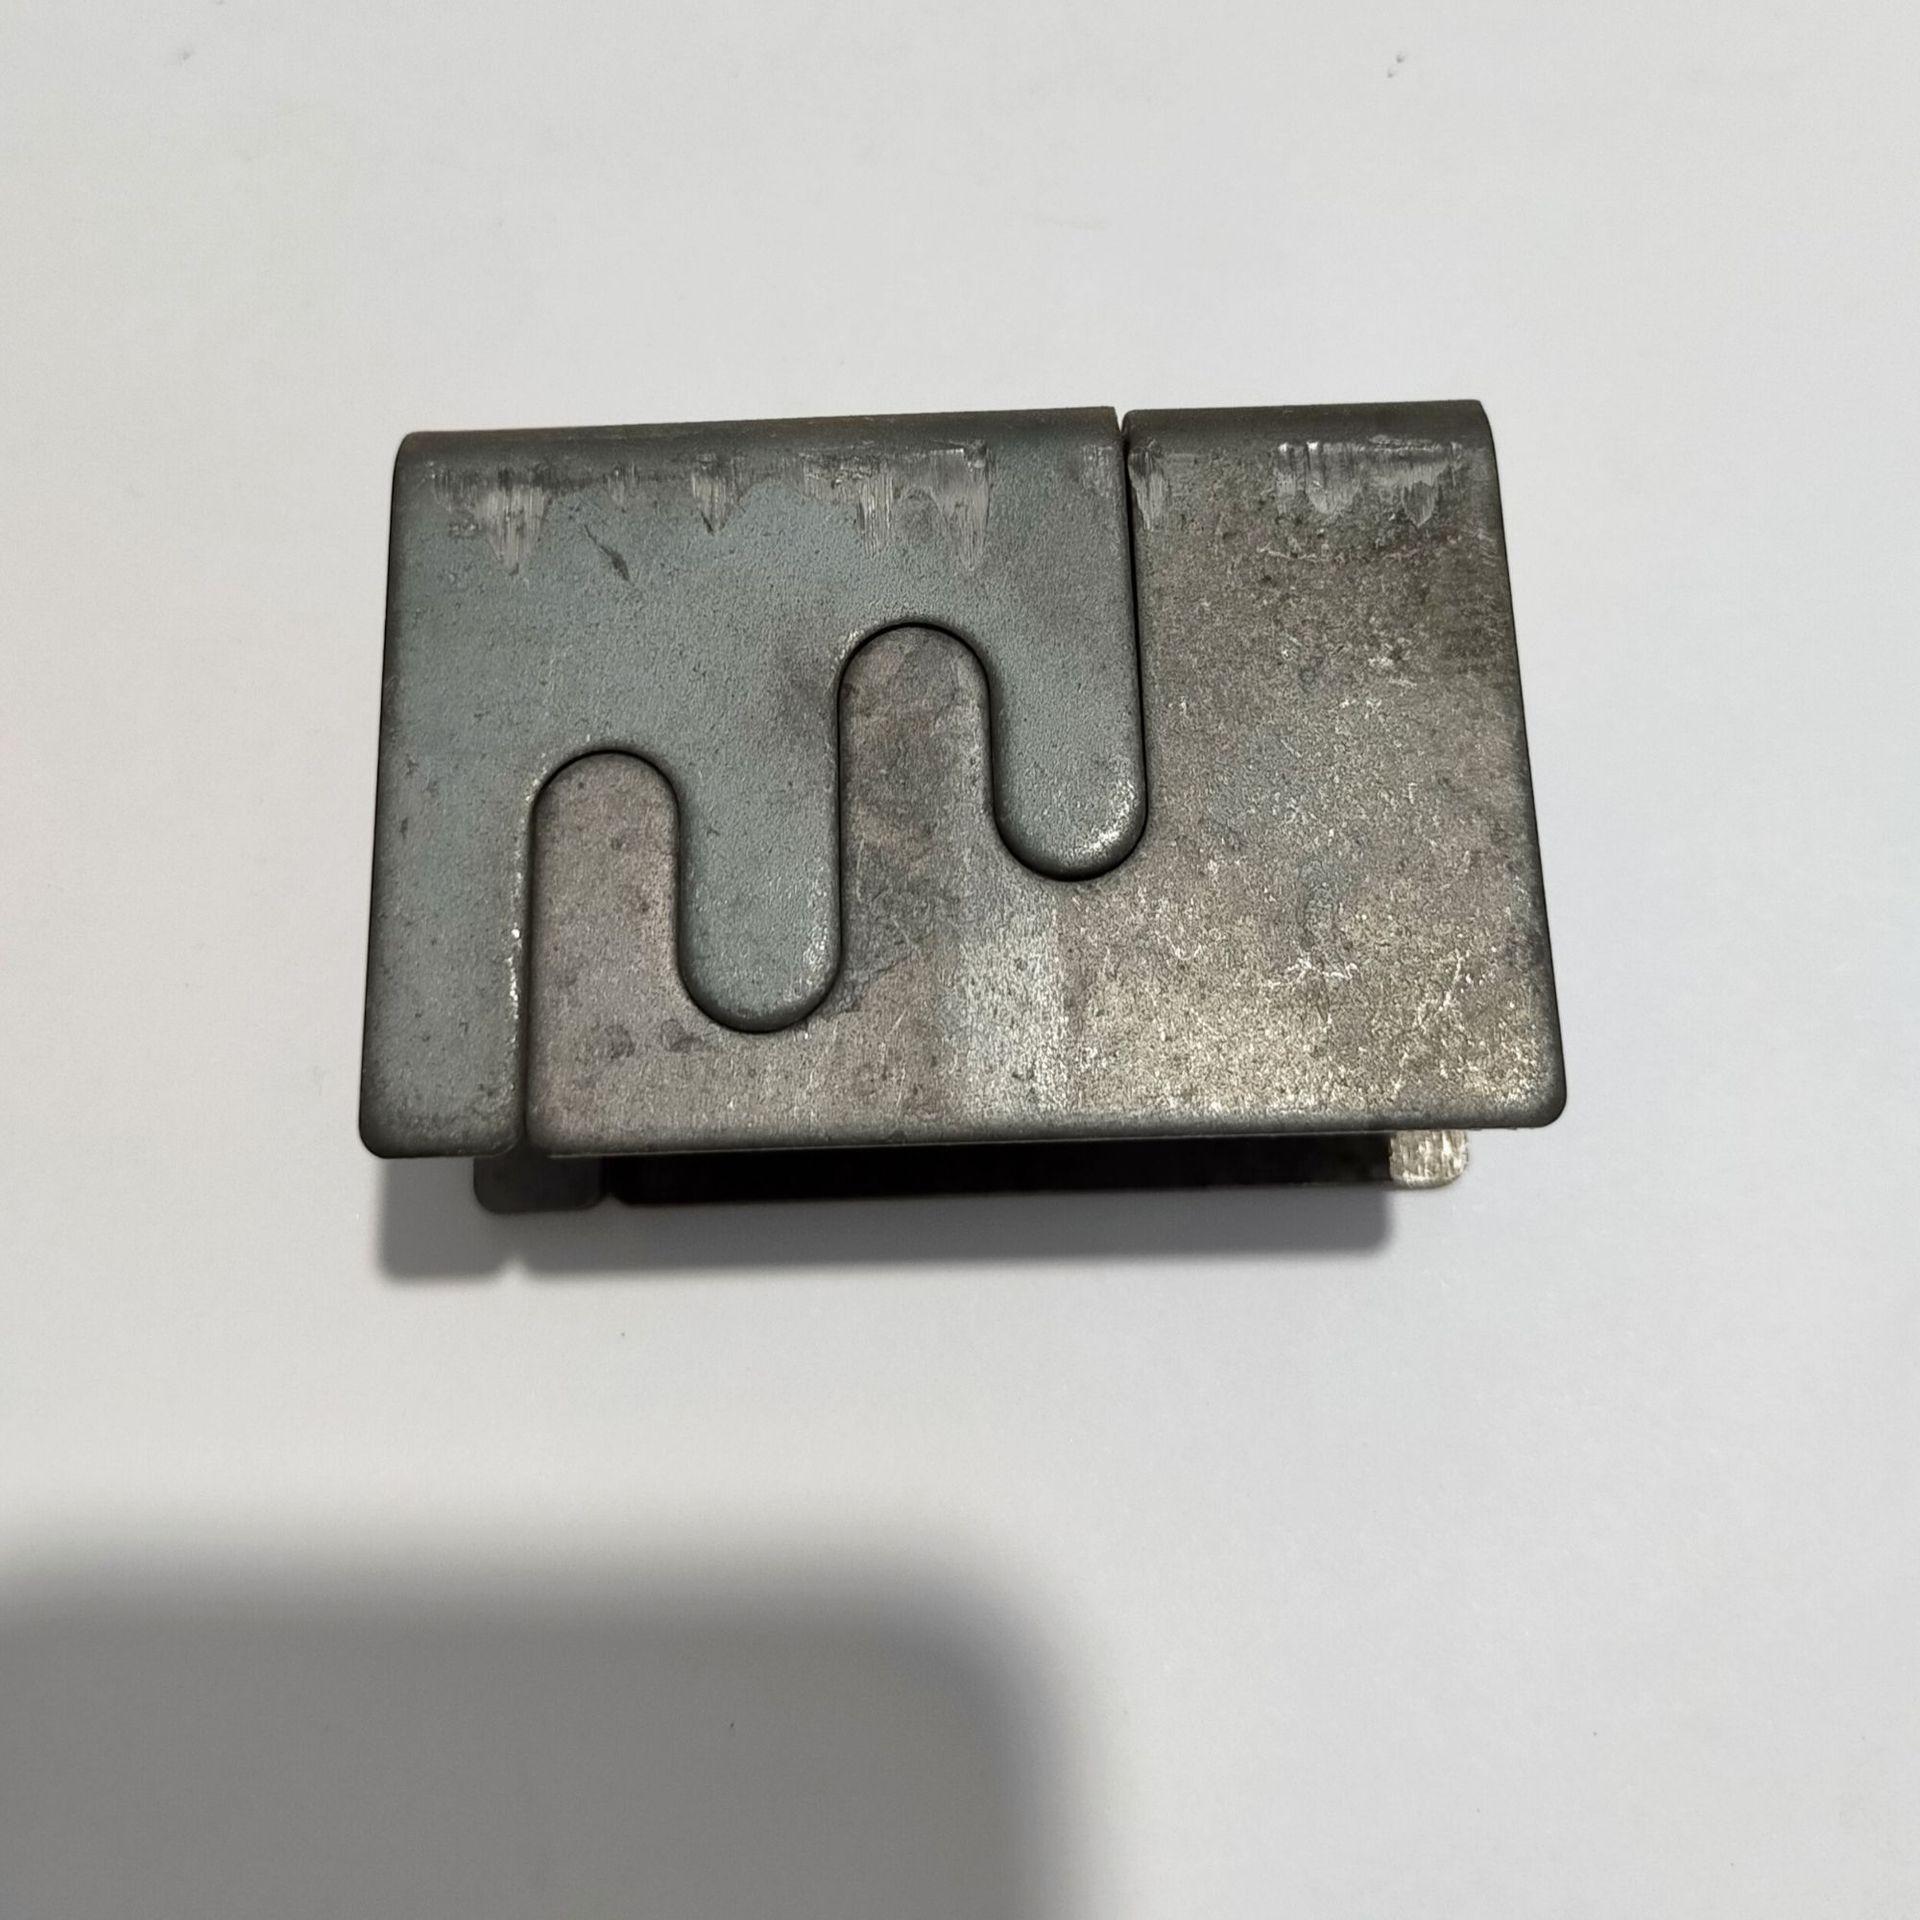 金属卡扣 桌架子母扣 方管连接件 铁管直角焊接配件 办公家具配件